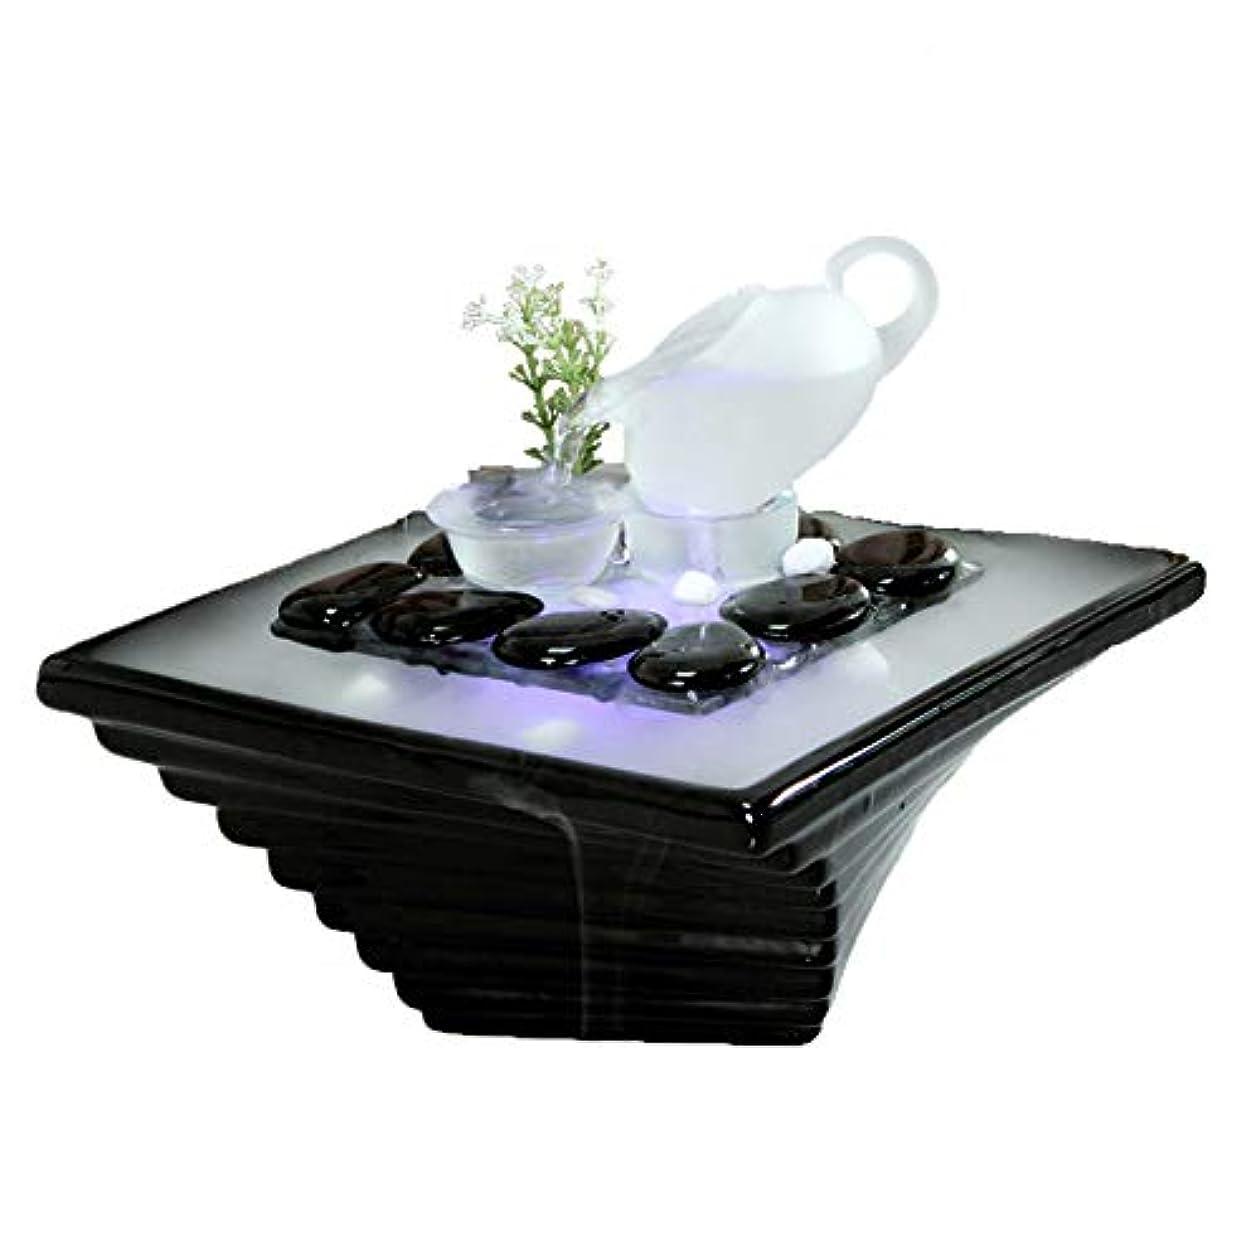 ヒューム赤字複合エッセンシャルオイルディフューザー空気加湿器セラミッククラフトクリエイティブホームデスクトップ装飾アロマセラピー絶妙なギフト,Black